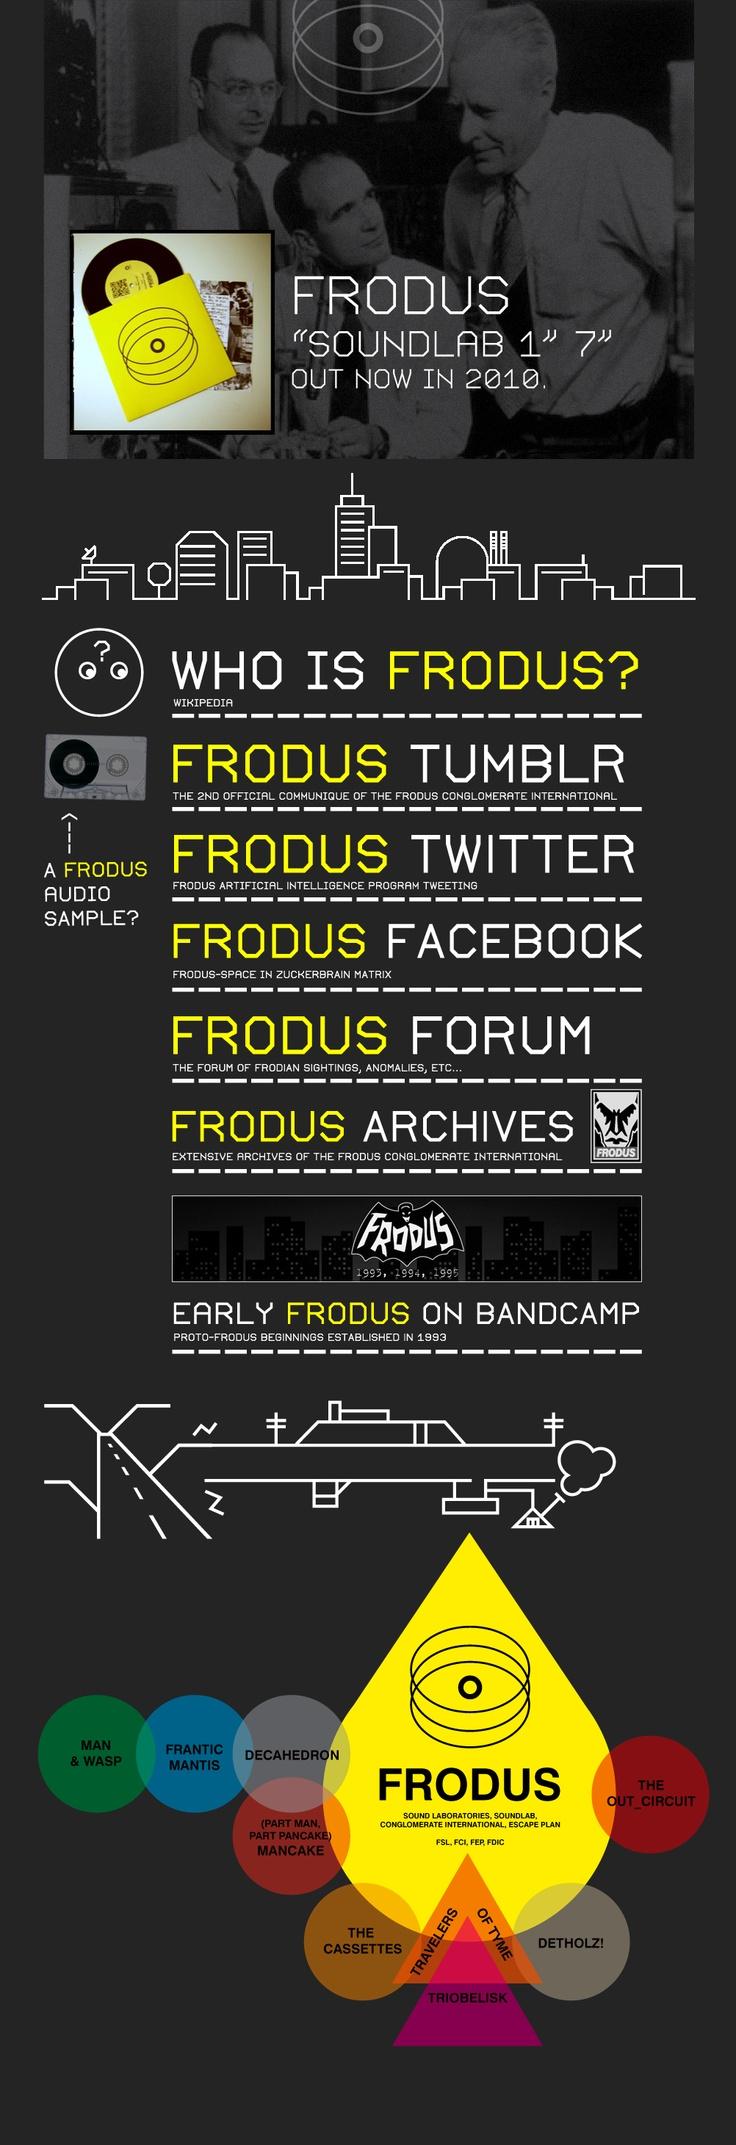 Frodus - Extinct, but not forgotten.